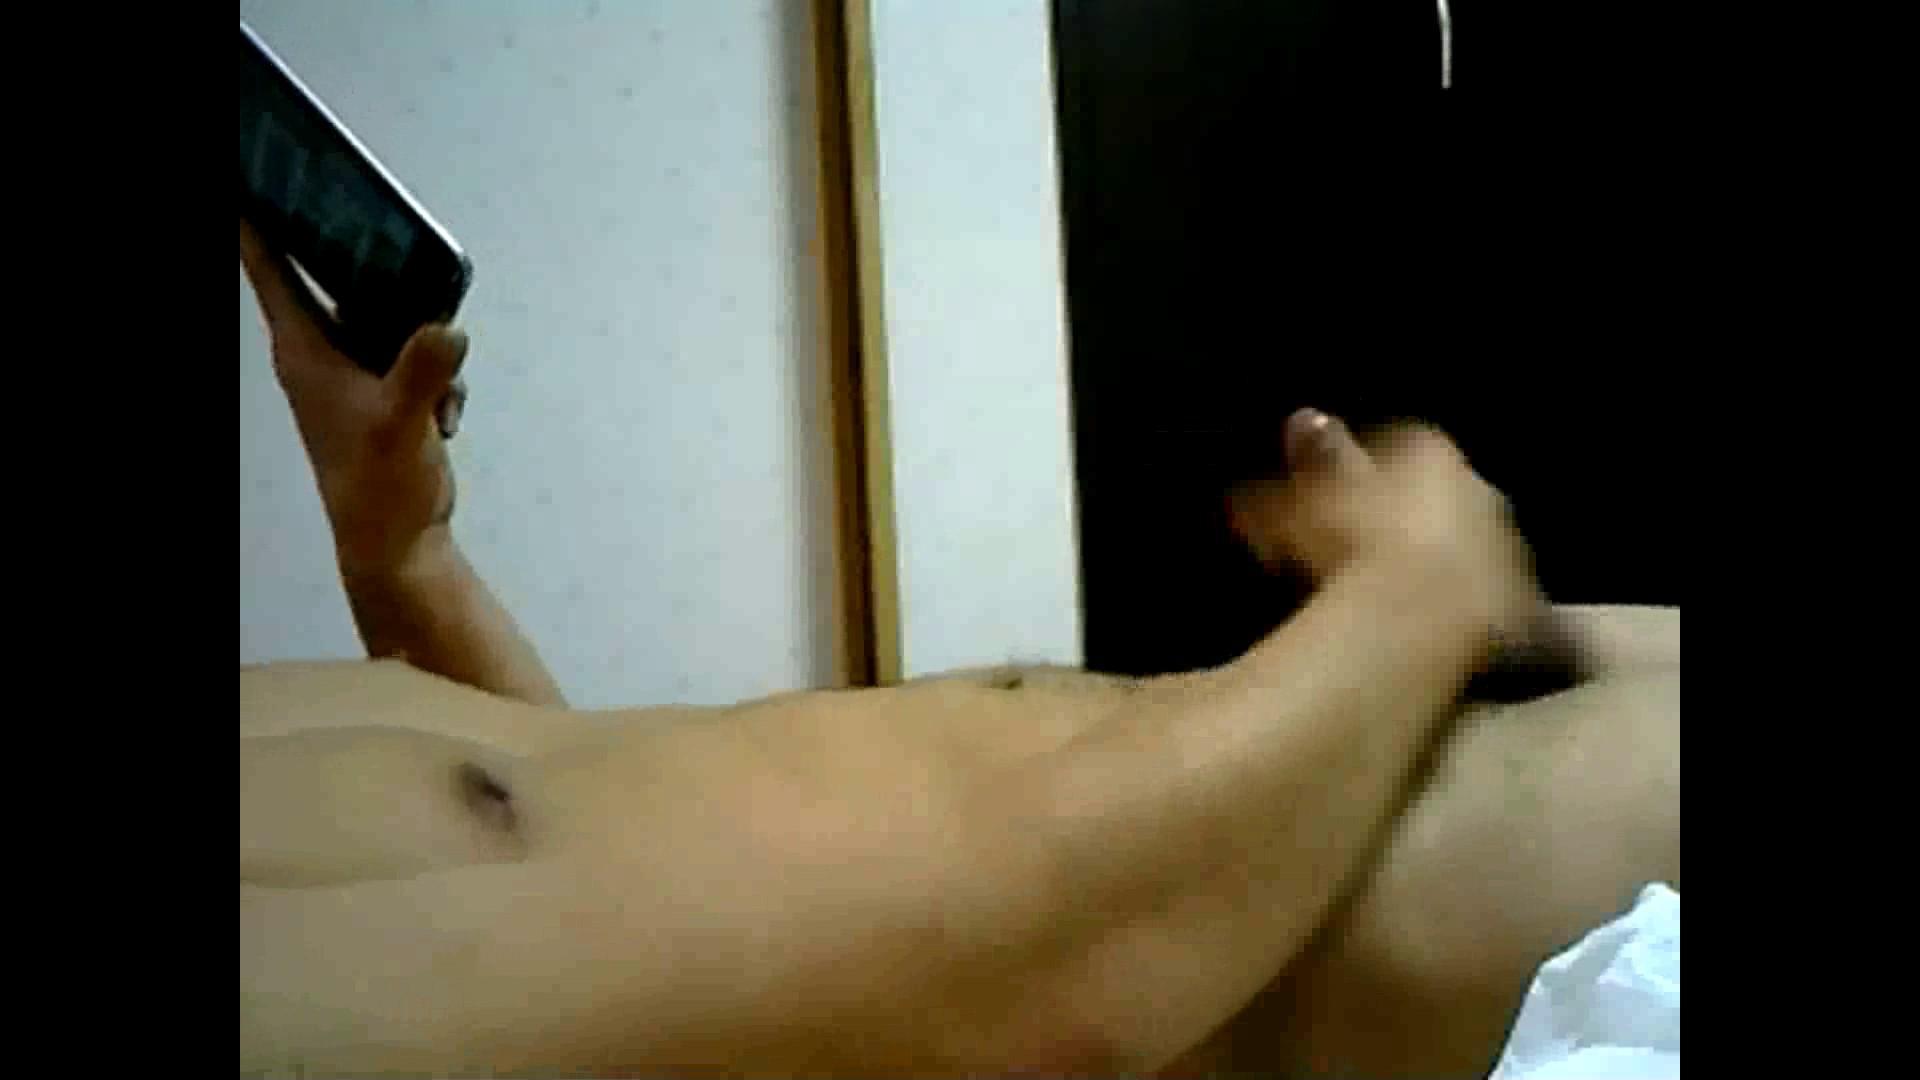 ~厳選!素人イケメン~俺のオナニズムⅡVol.6 お手で!   流出物 AV動画 90pic 65